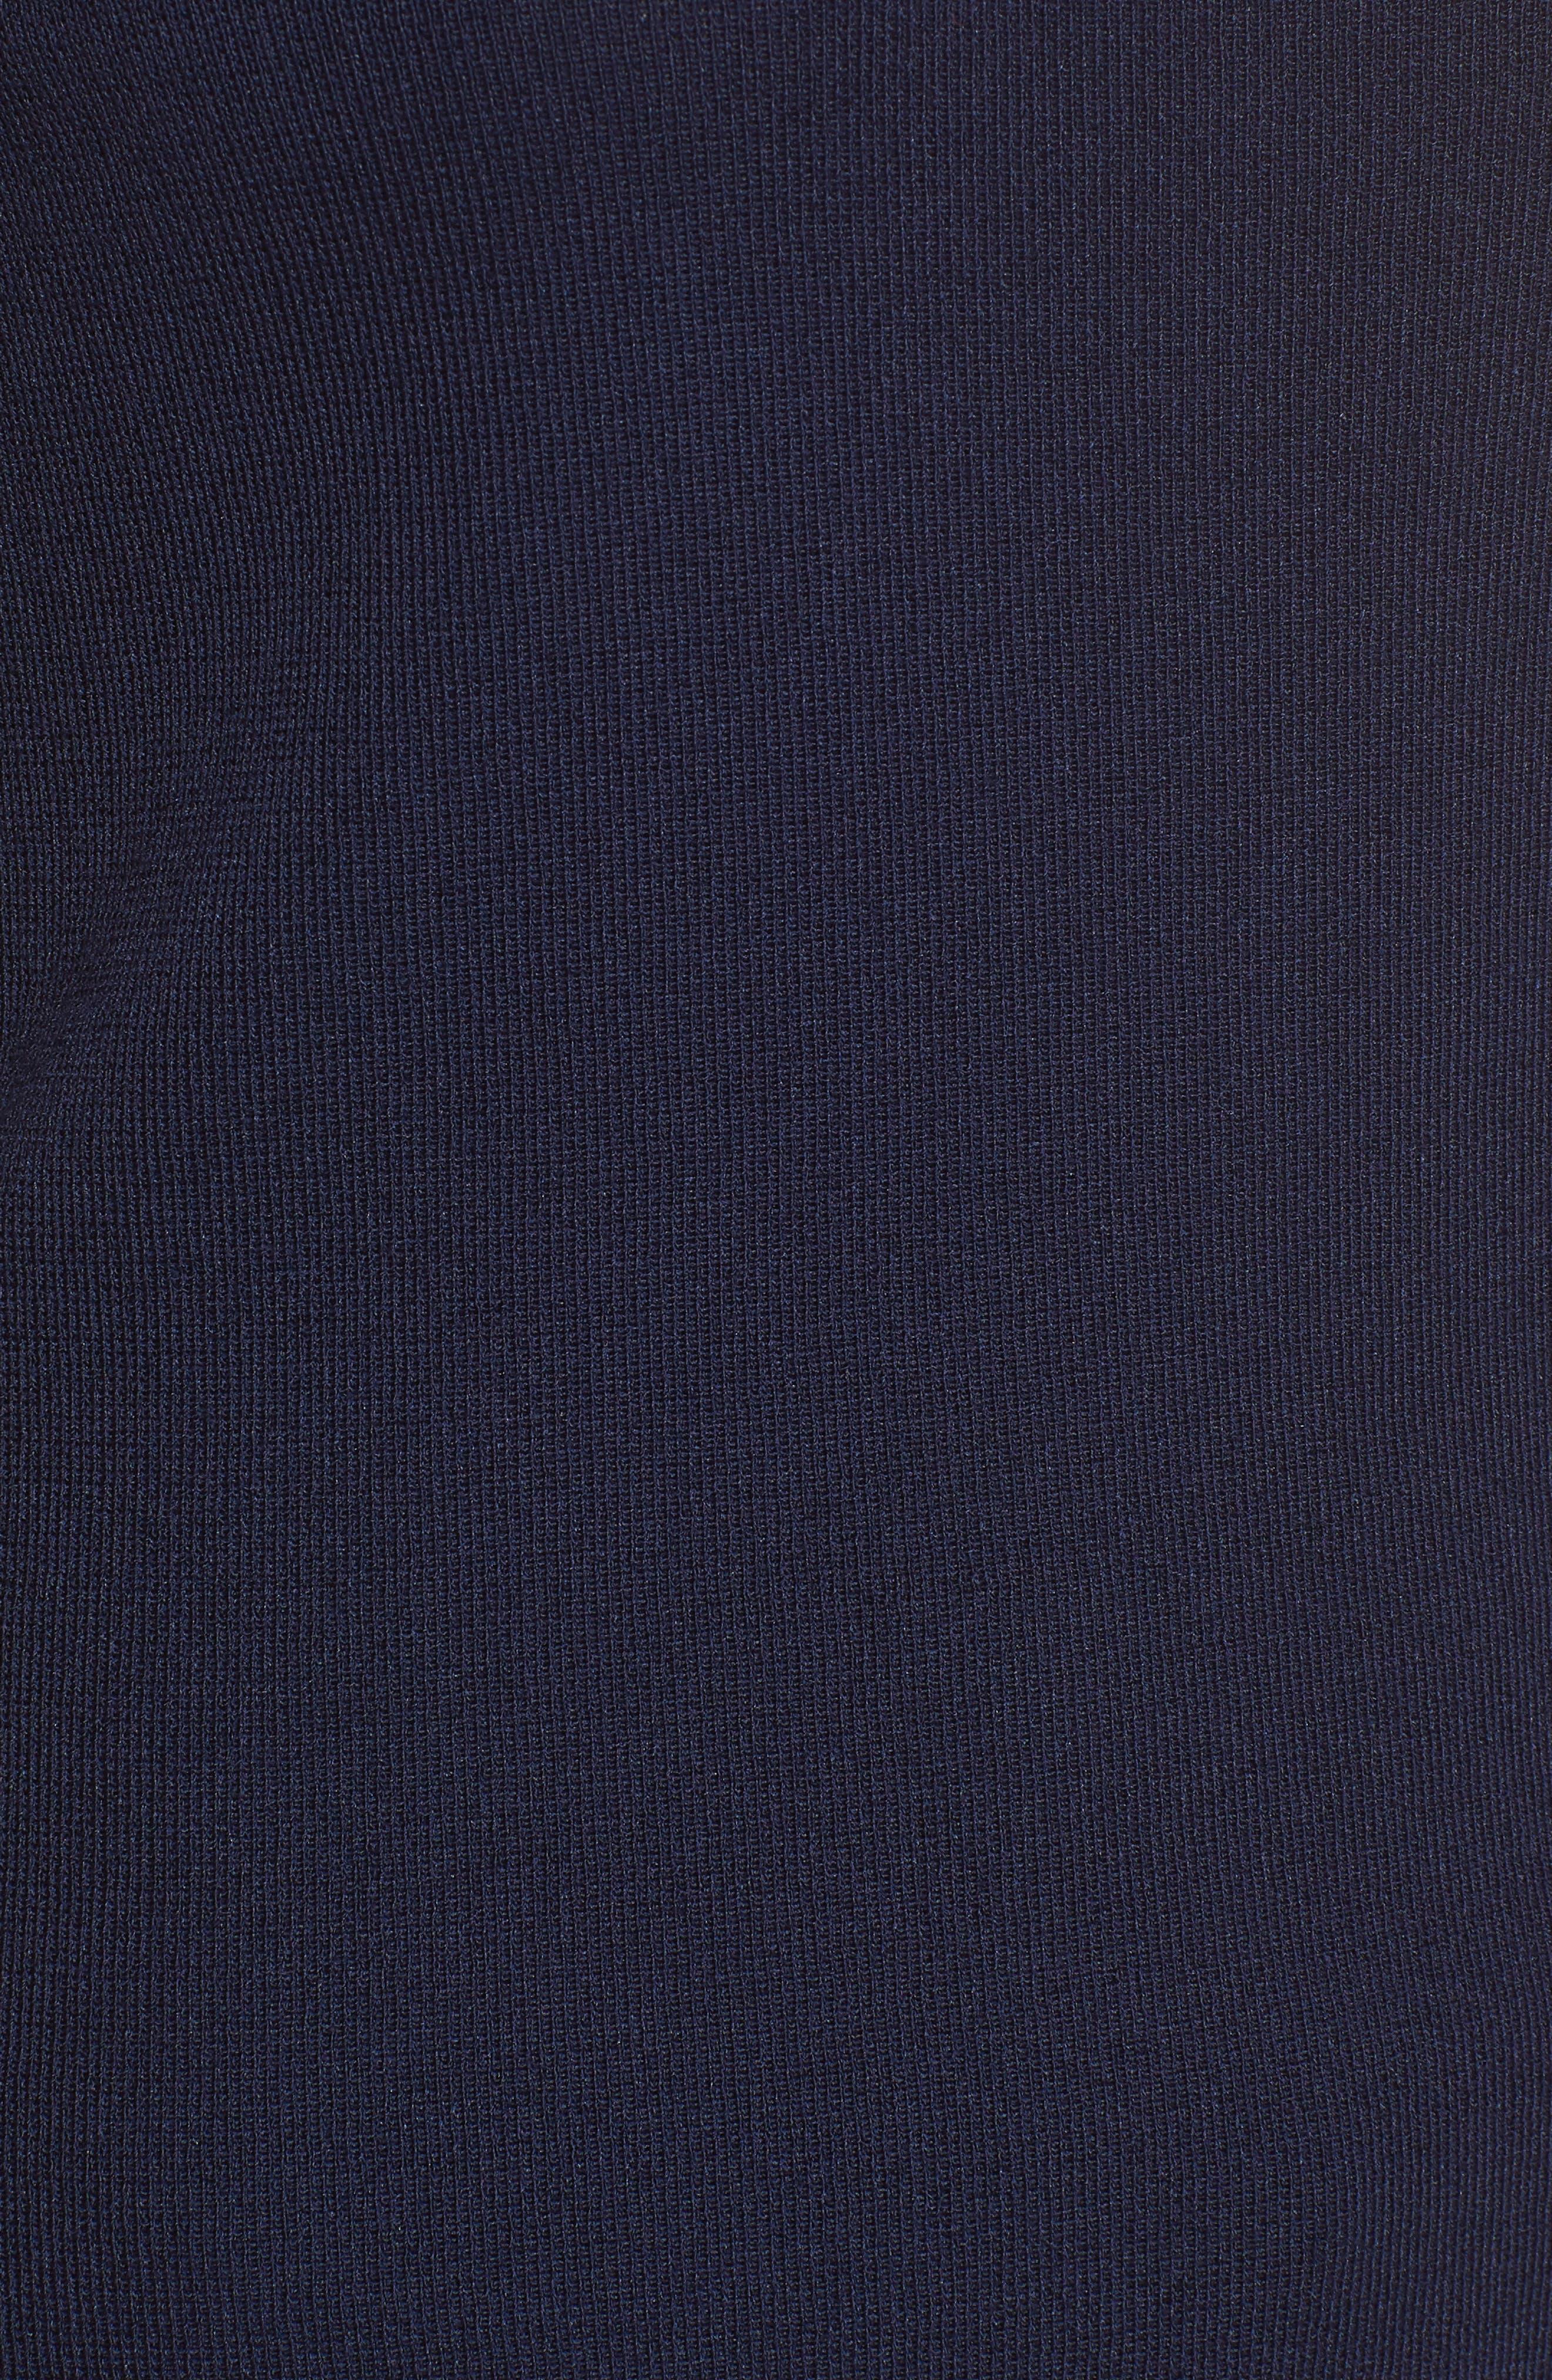 Sleeveless Knit Tank,                             Alternate thumbnail 6, color,                             Breton Blue